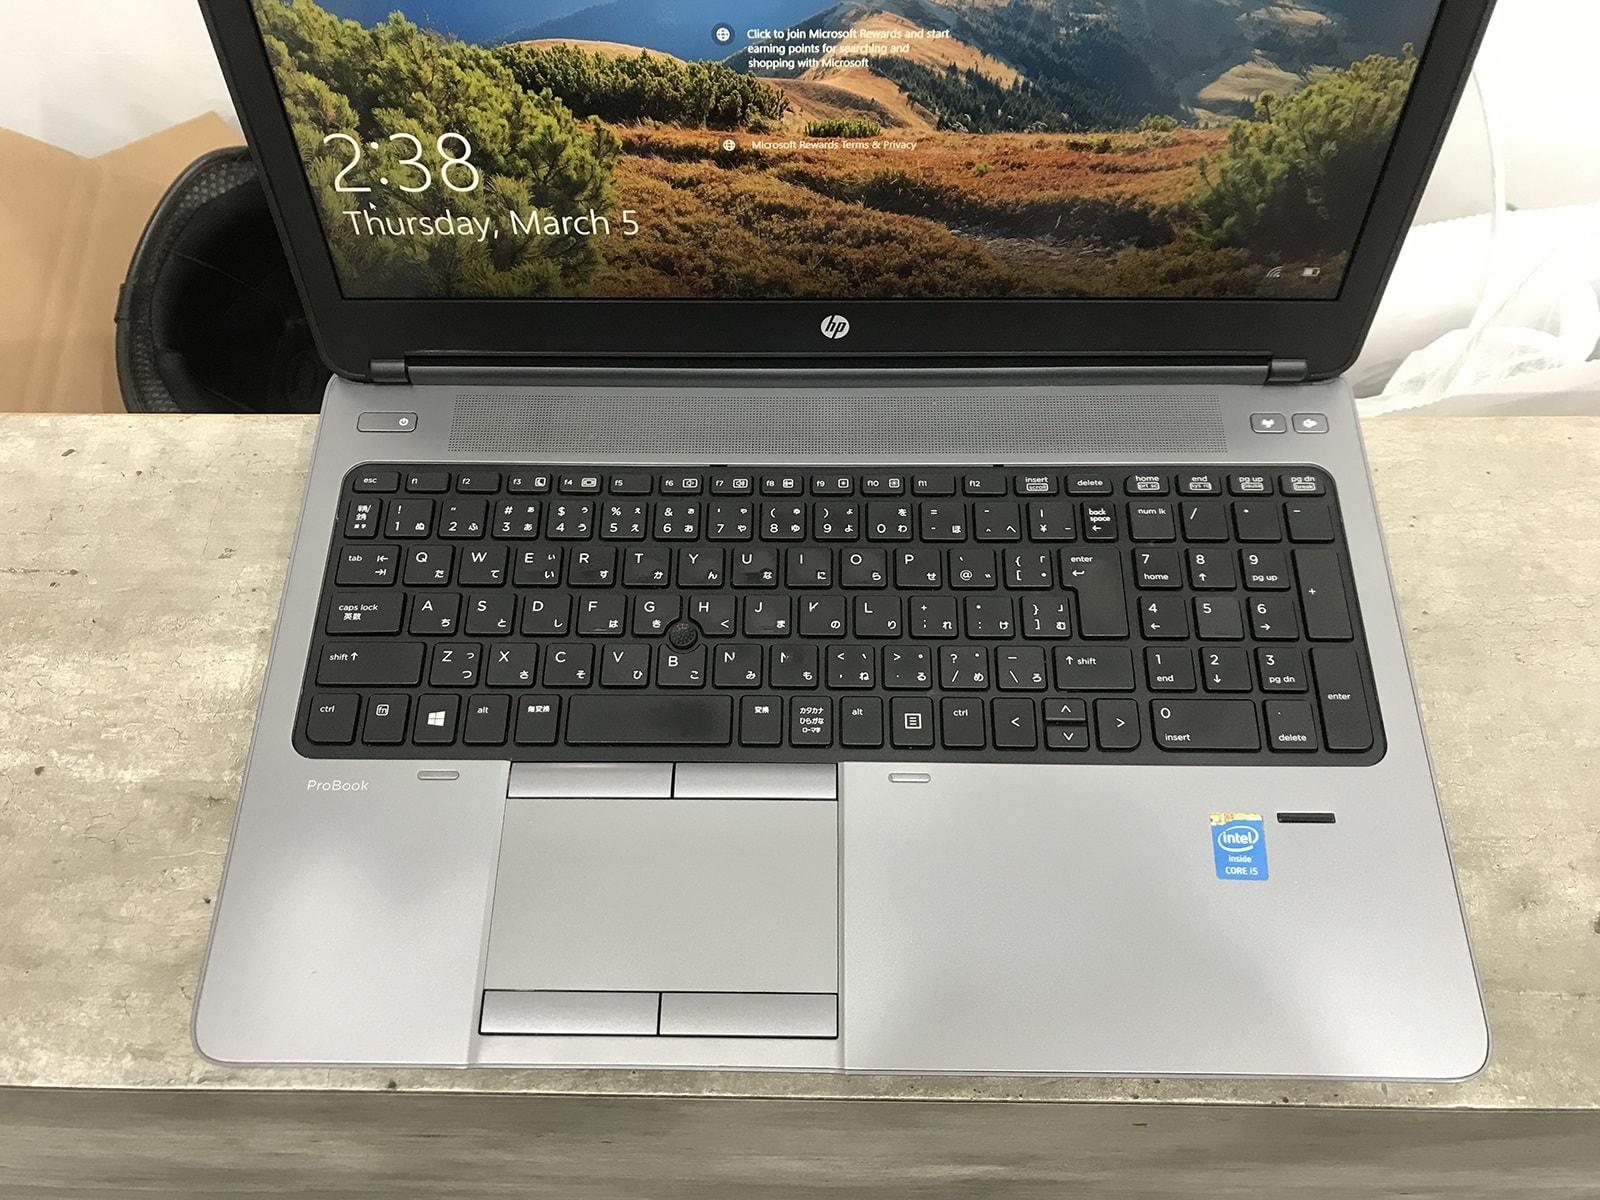 Laptop HP Probook 650 G1 Core i5, màn 15.6 inch - Laptop Hùng Anh